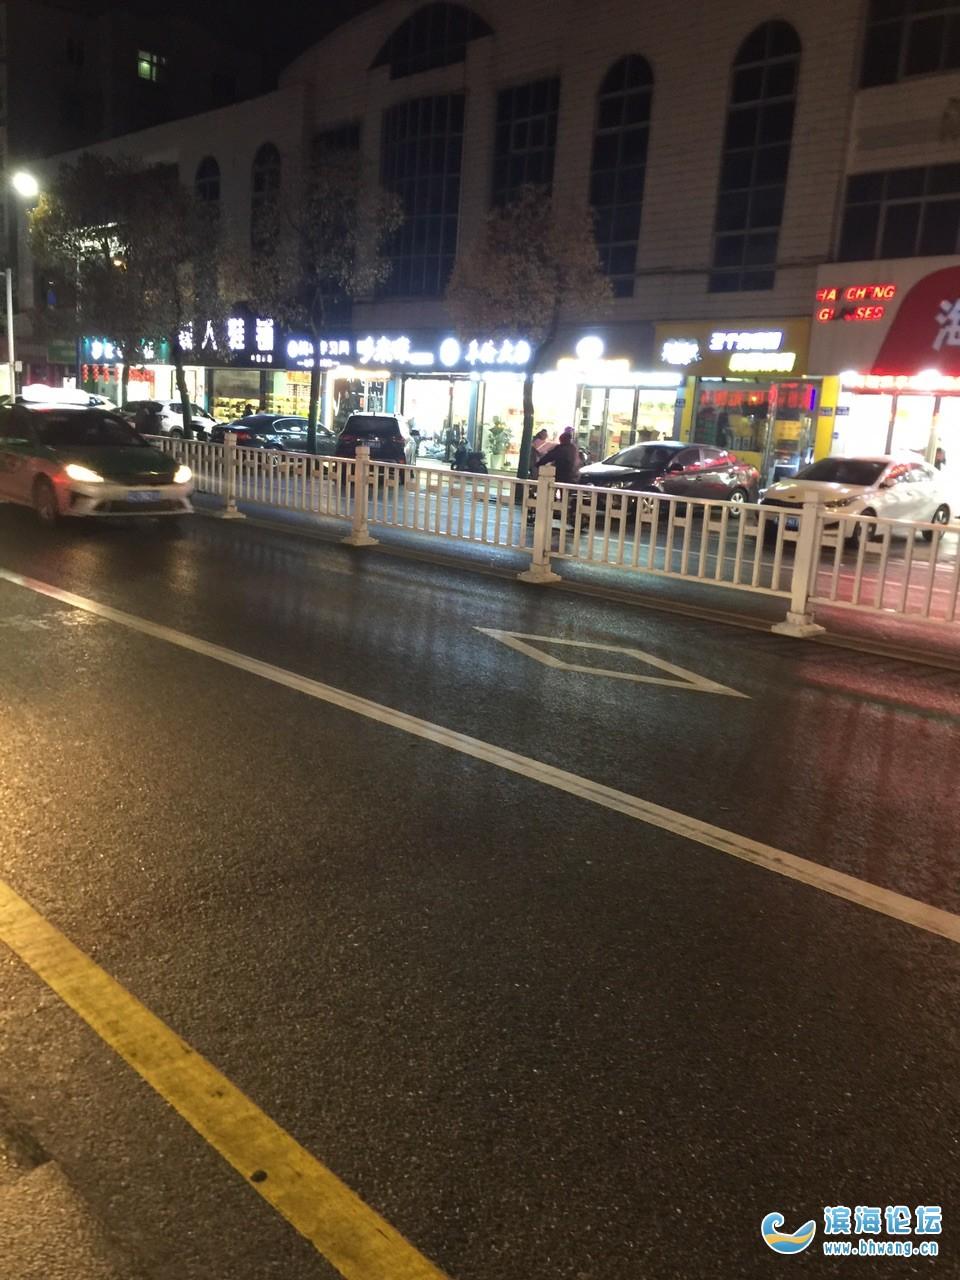 中市路人行道变成停车场,盲道被占,希望交警能管理管理,谢谢!